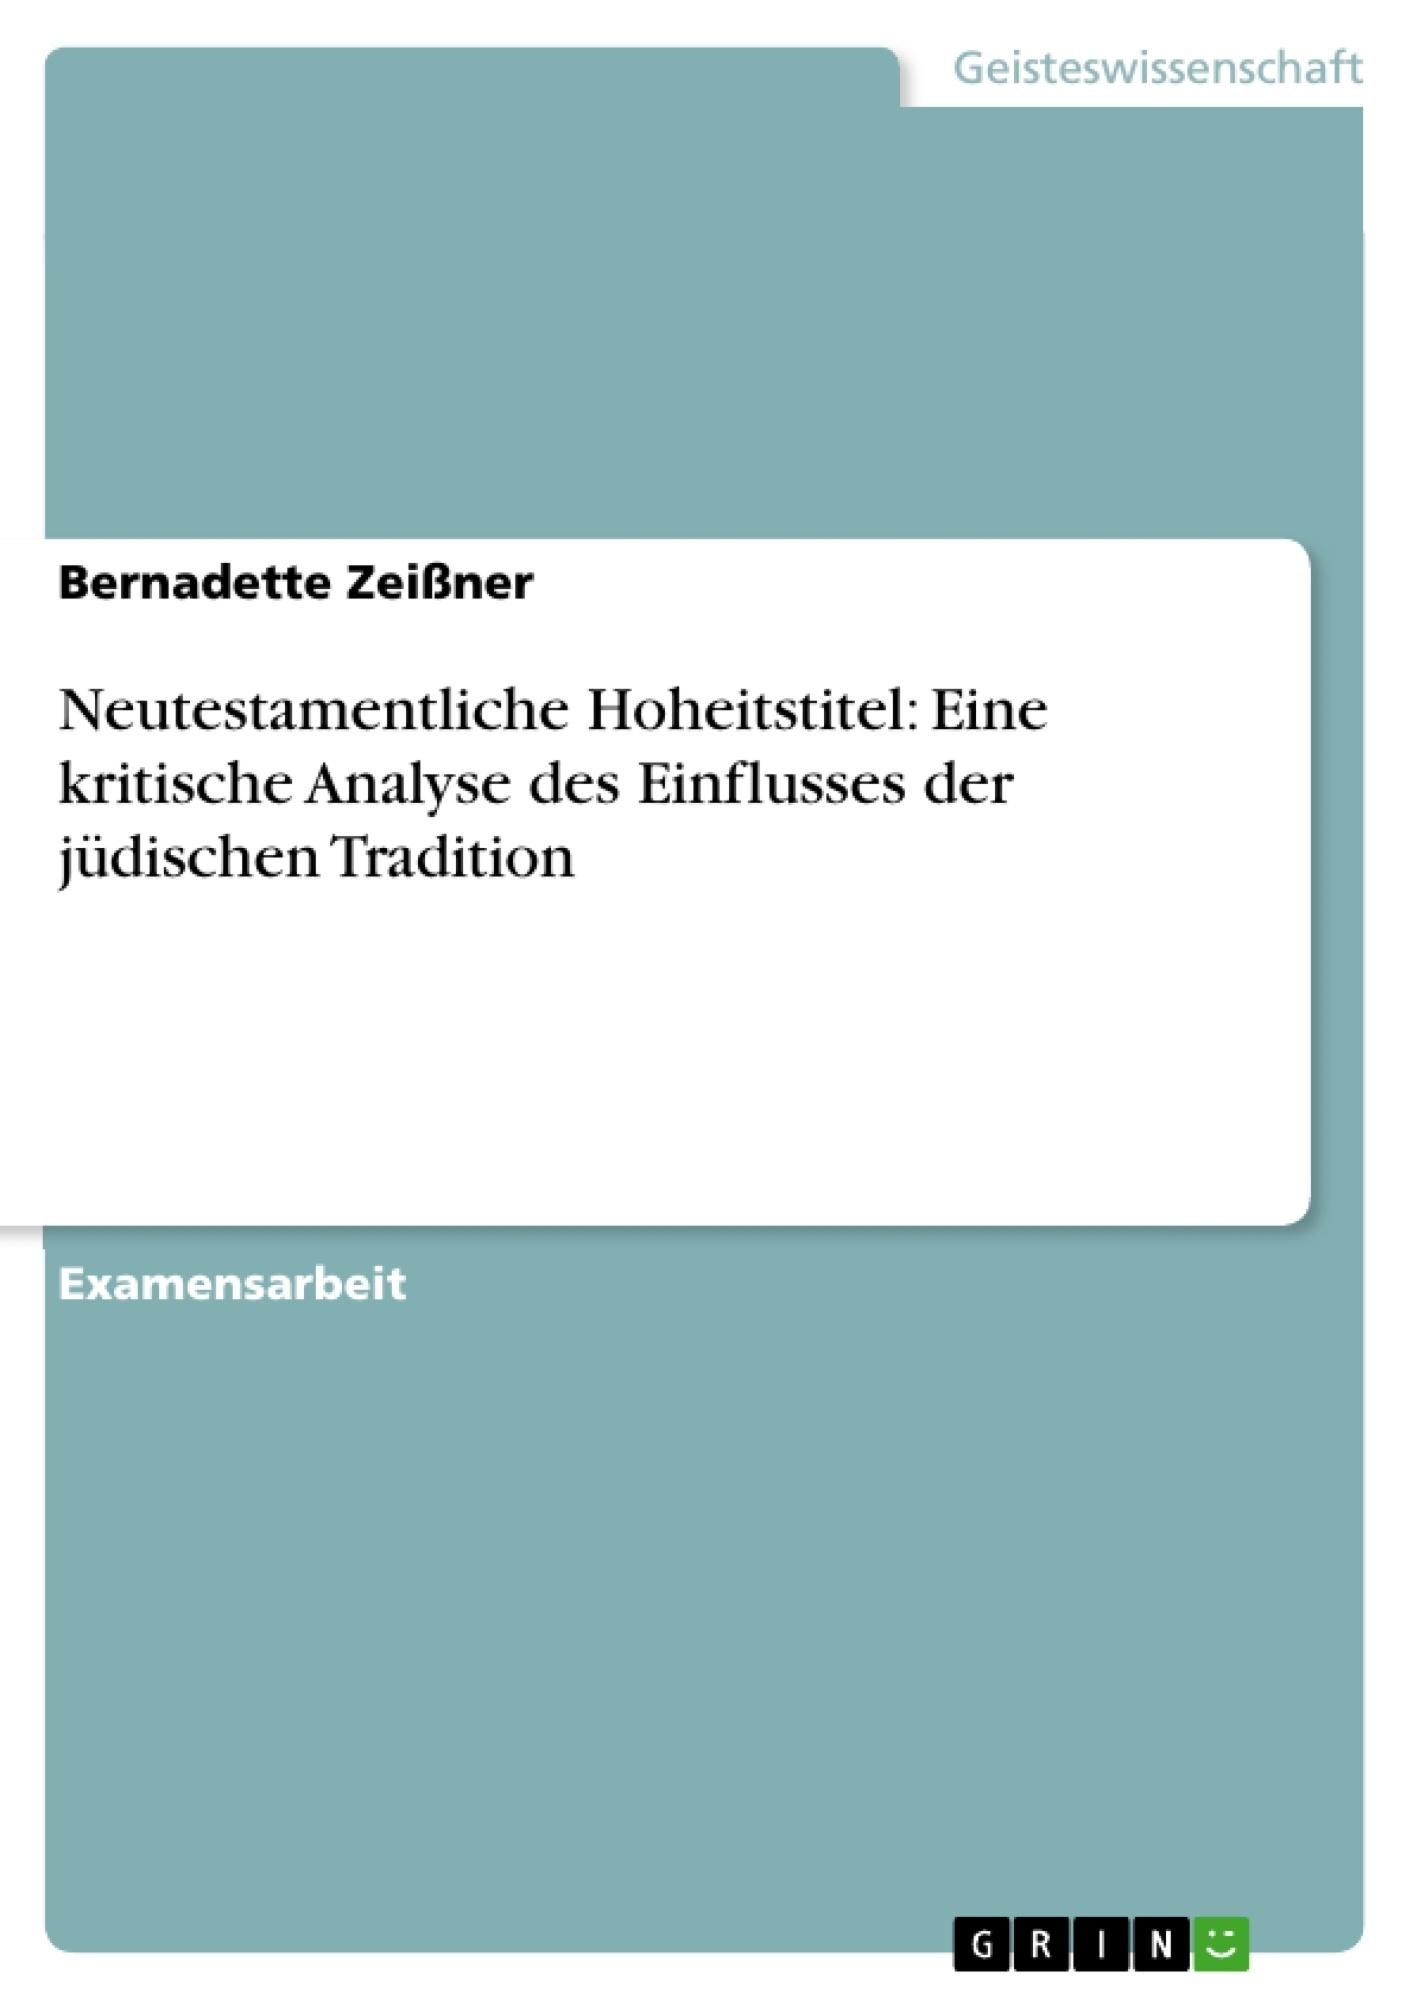 Titel: Neutestamentliche Hoheitstitel: Eine kritische Analyse des Einflusses der jüdischen Tradition